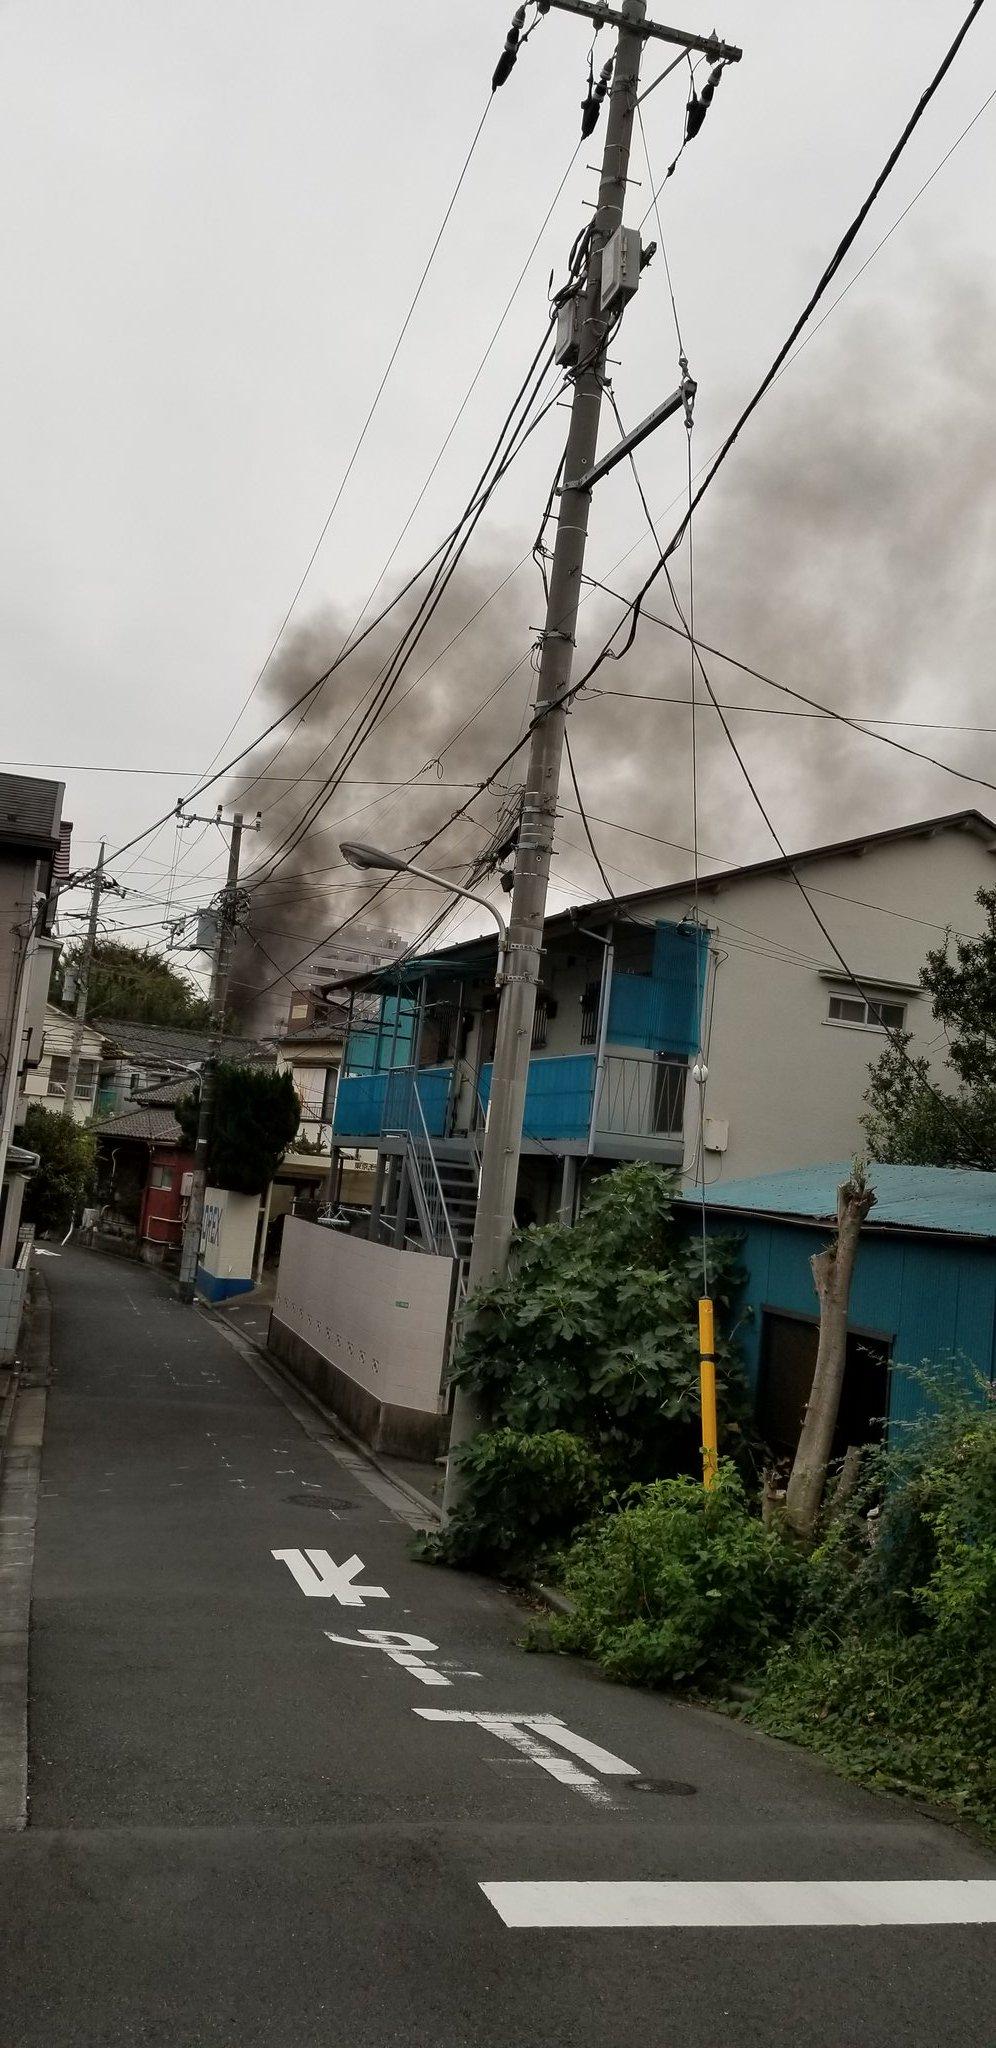 江戸川区平井の建物で大きな火事が起きてる現場の画像